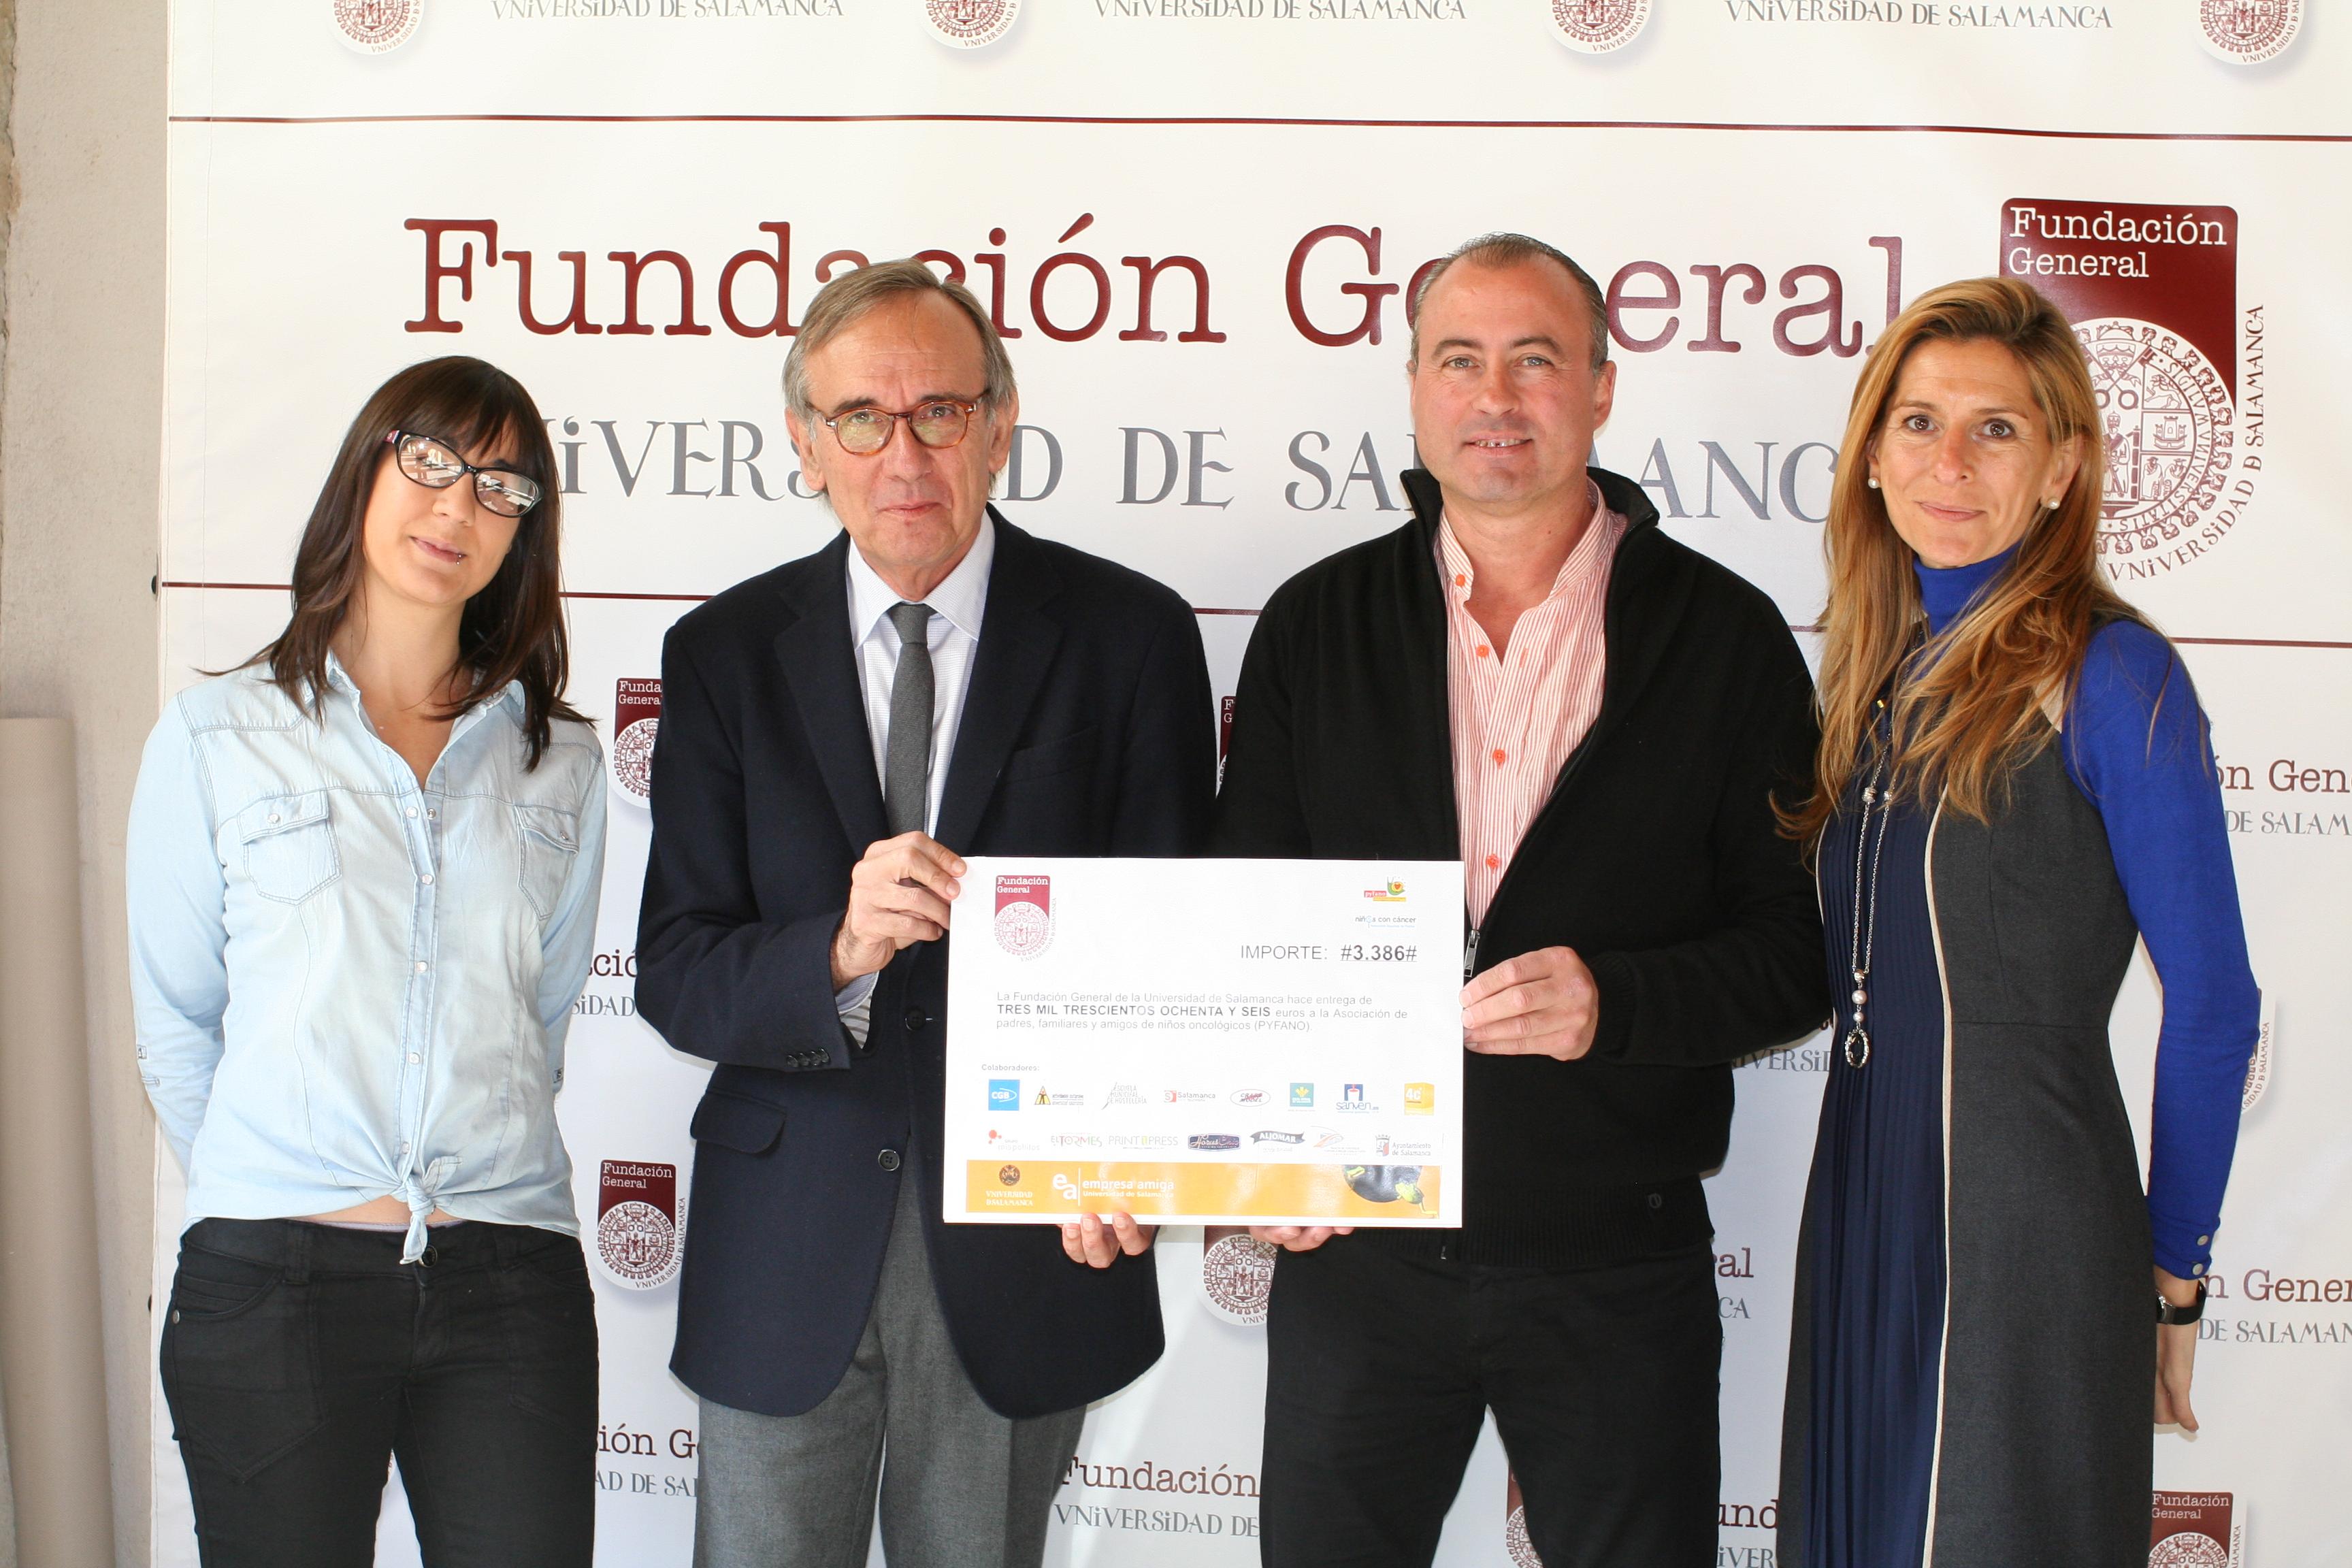 La Fundación General de la Universidad de Salamanca entrega más de 3.000 euros a la Asociación PYFANO